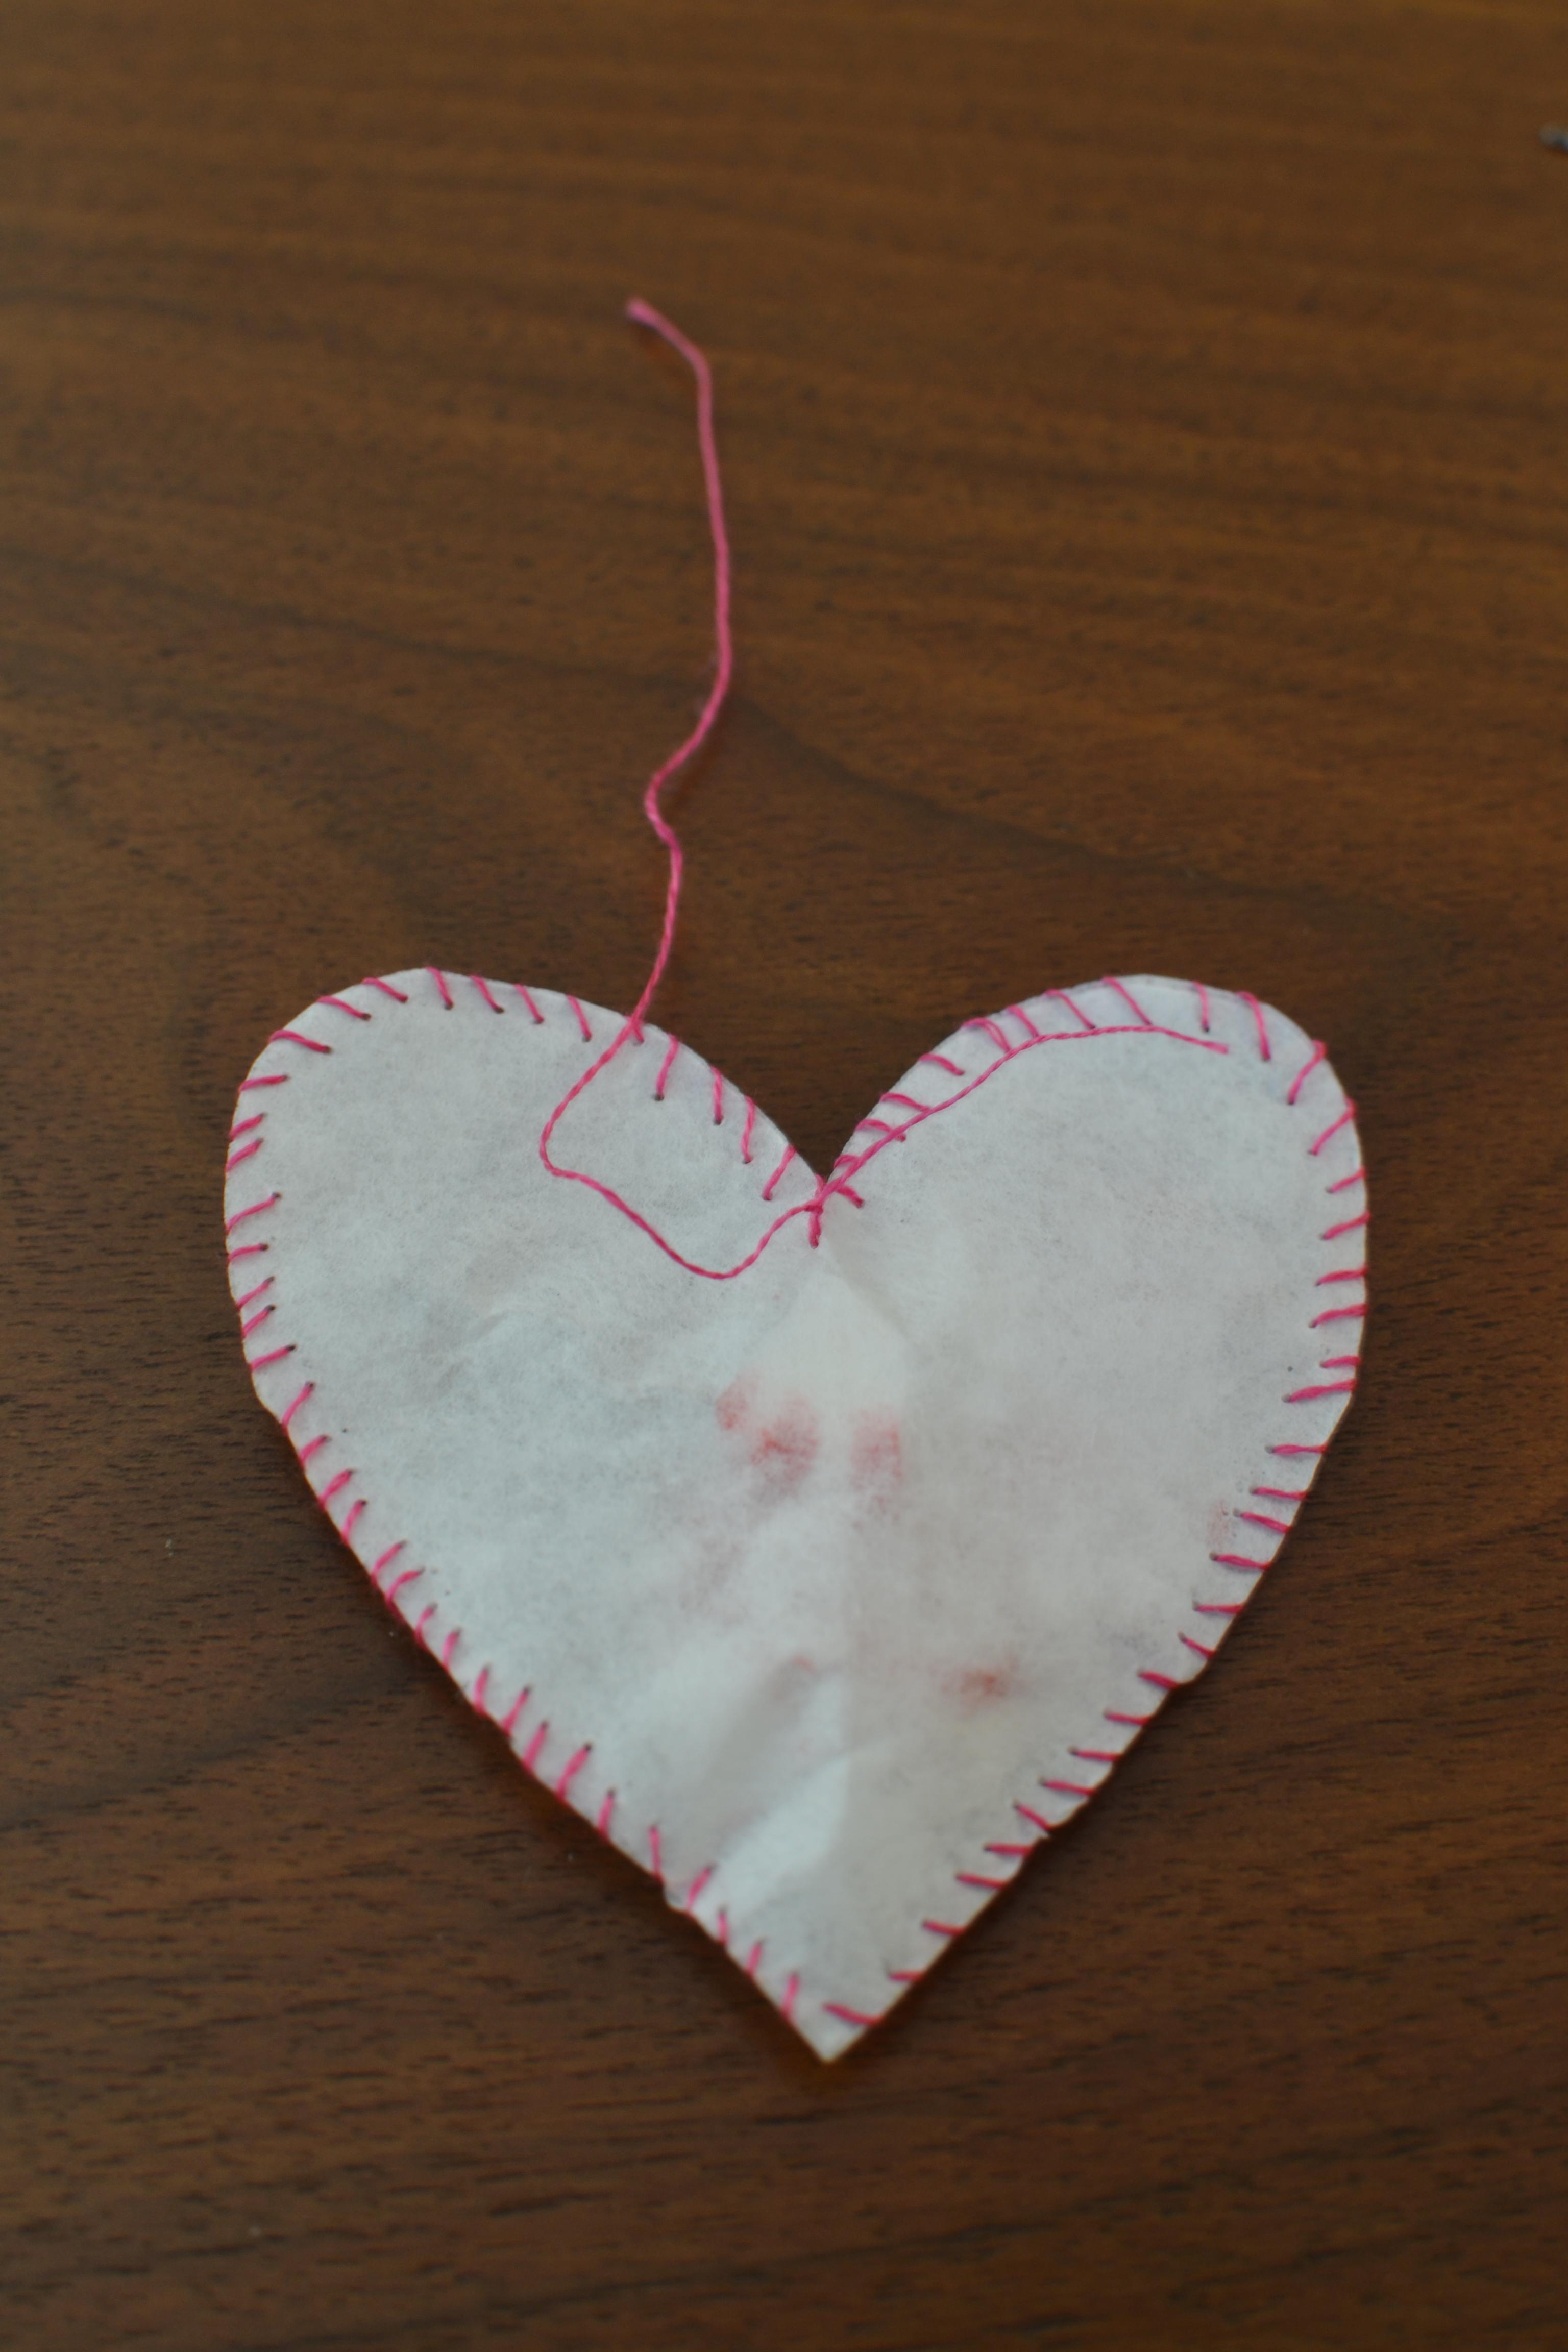 sewn infusion bag